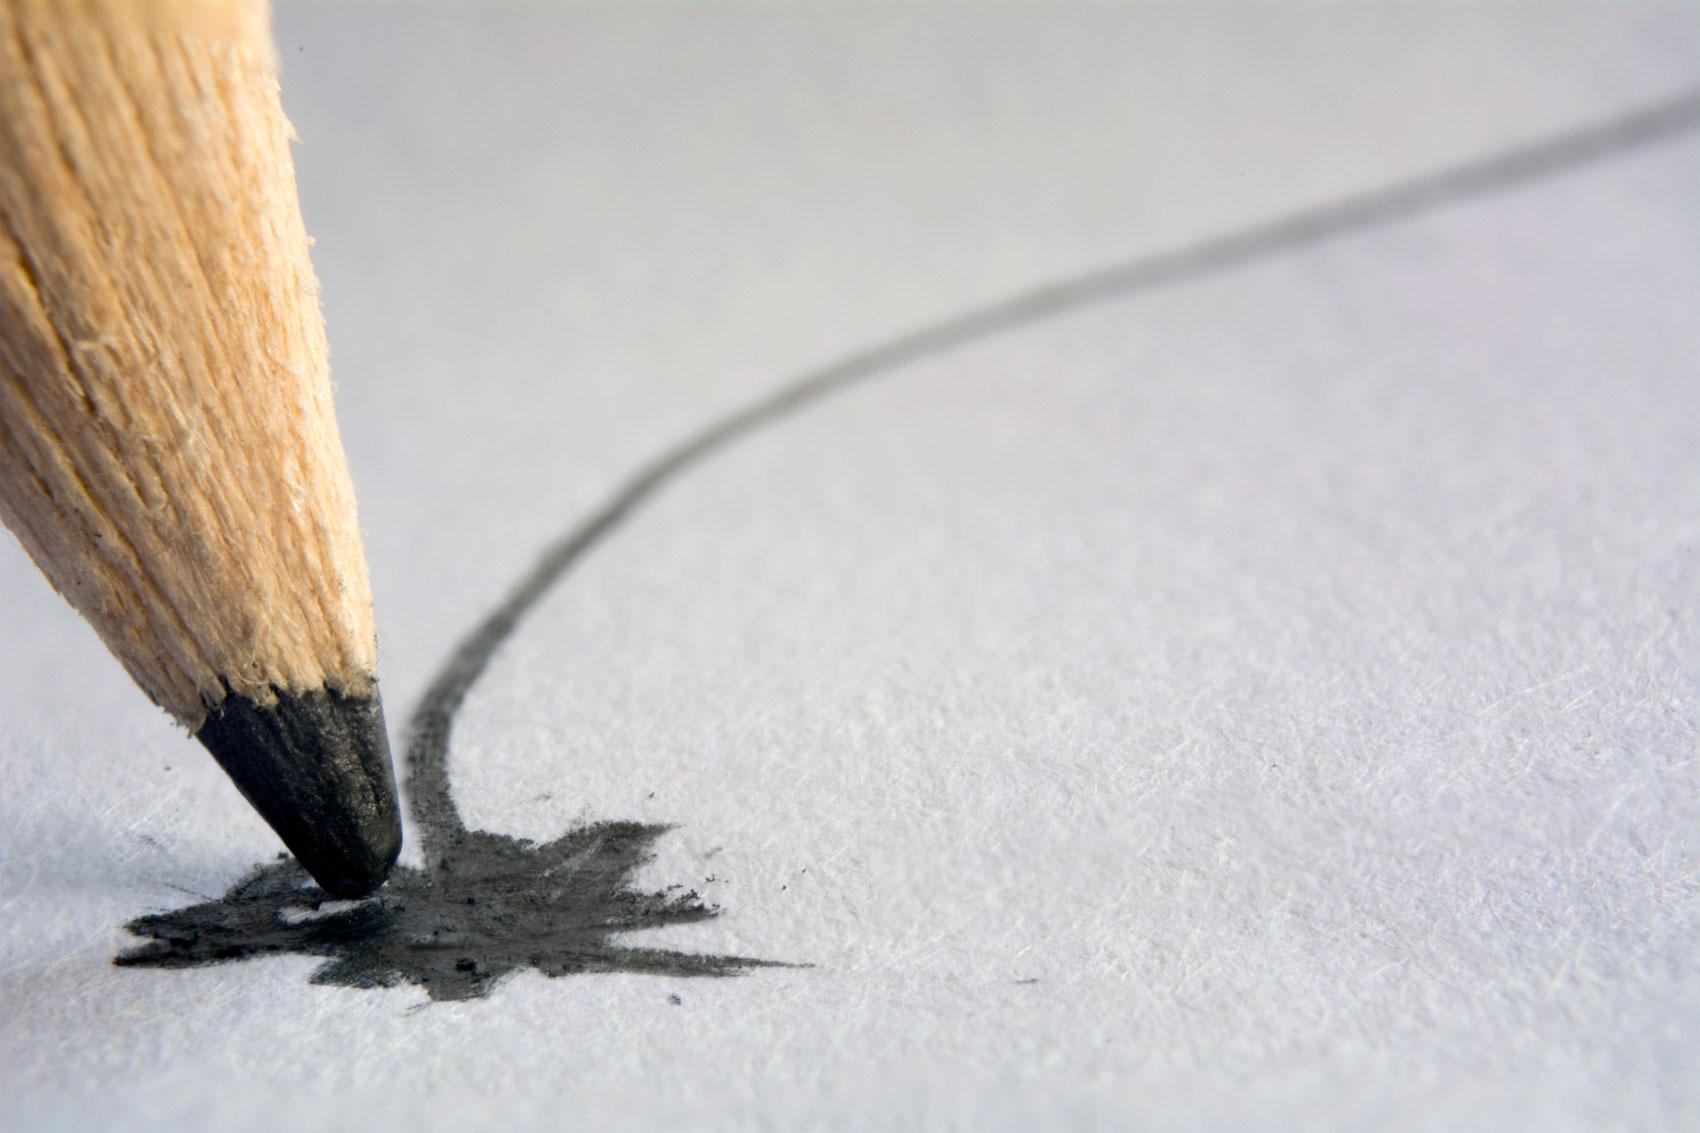 punta di matita